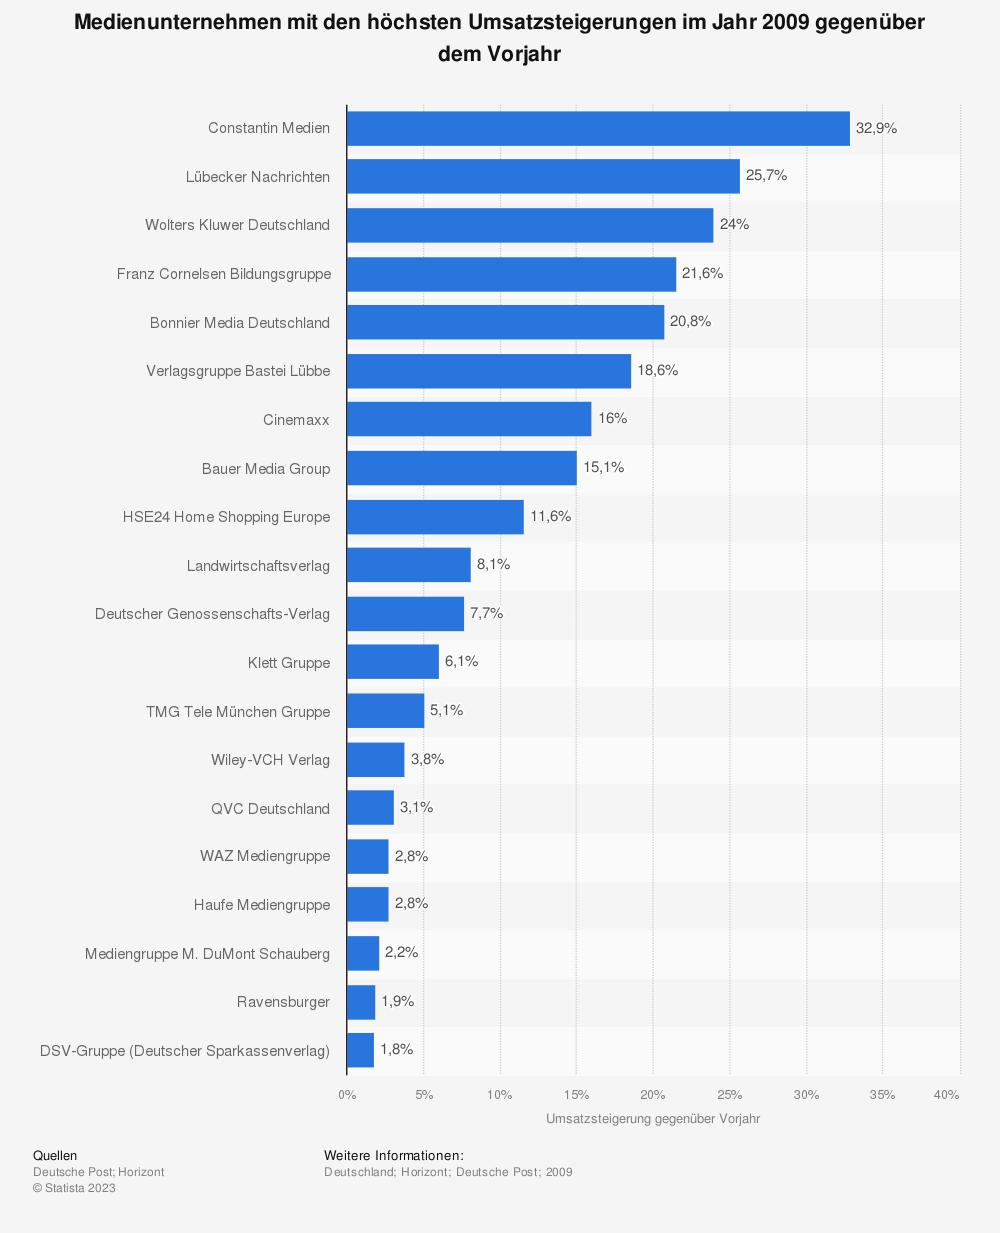 Statistik: Medienunternehmen mit den höchsten Umsatzsteigerungen im Jahr 2009 gegenüber dem Vorjahr | Statista